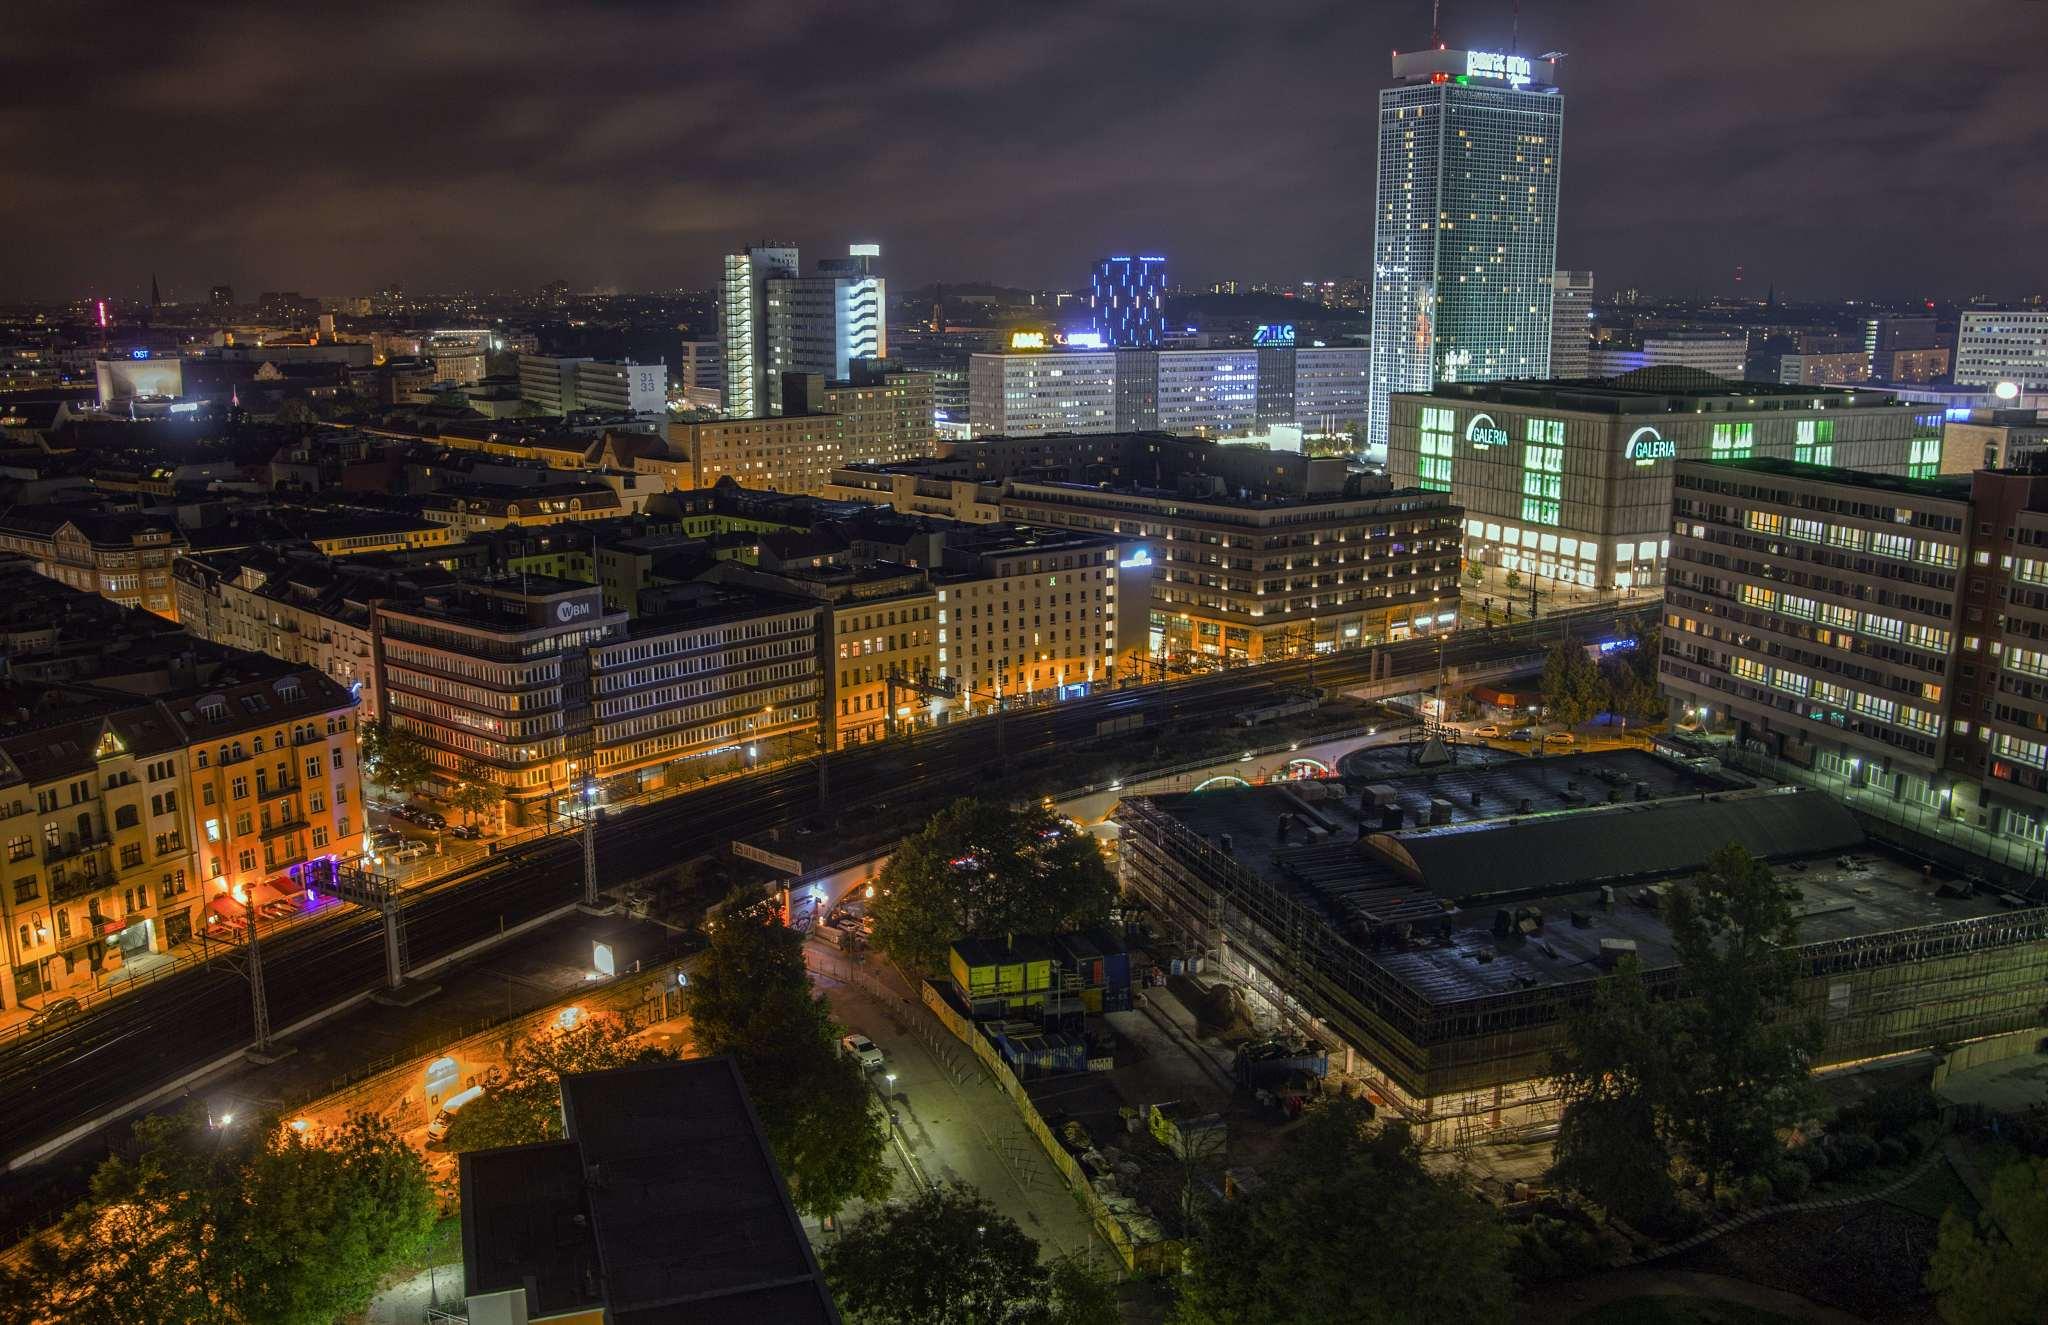 Hackescher Markt by night